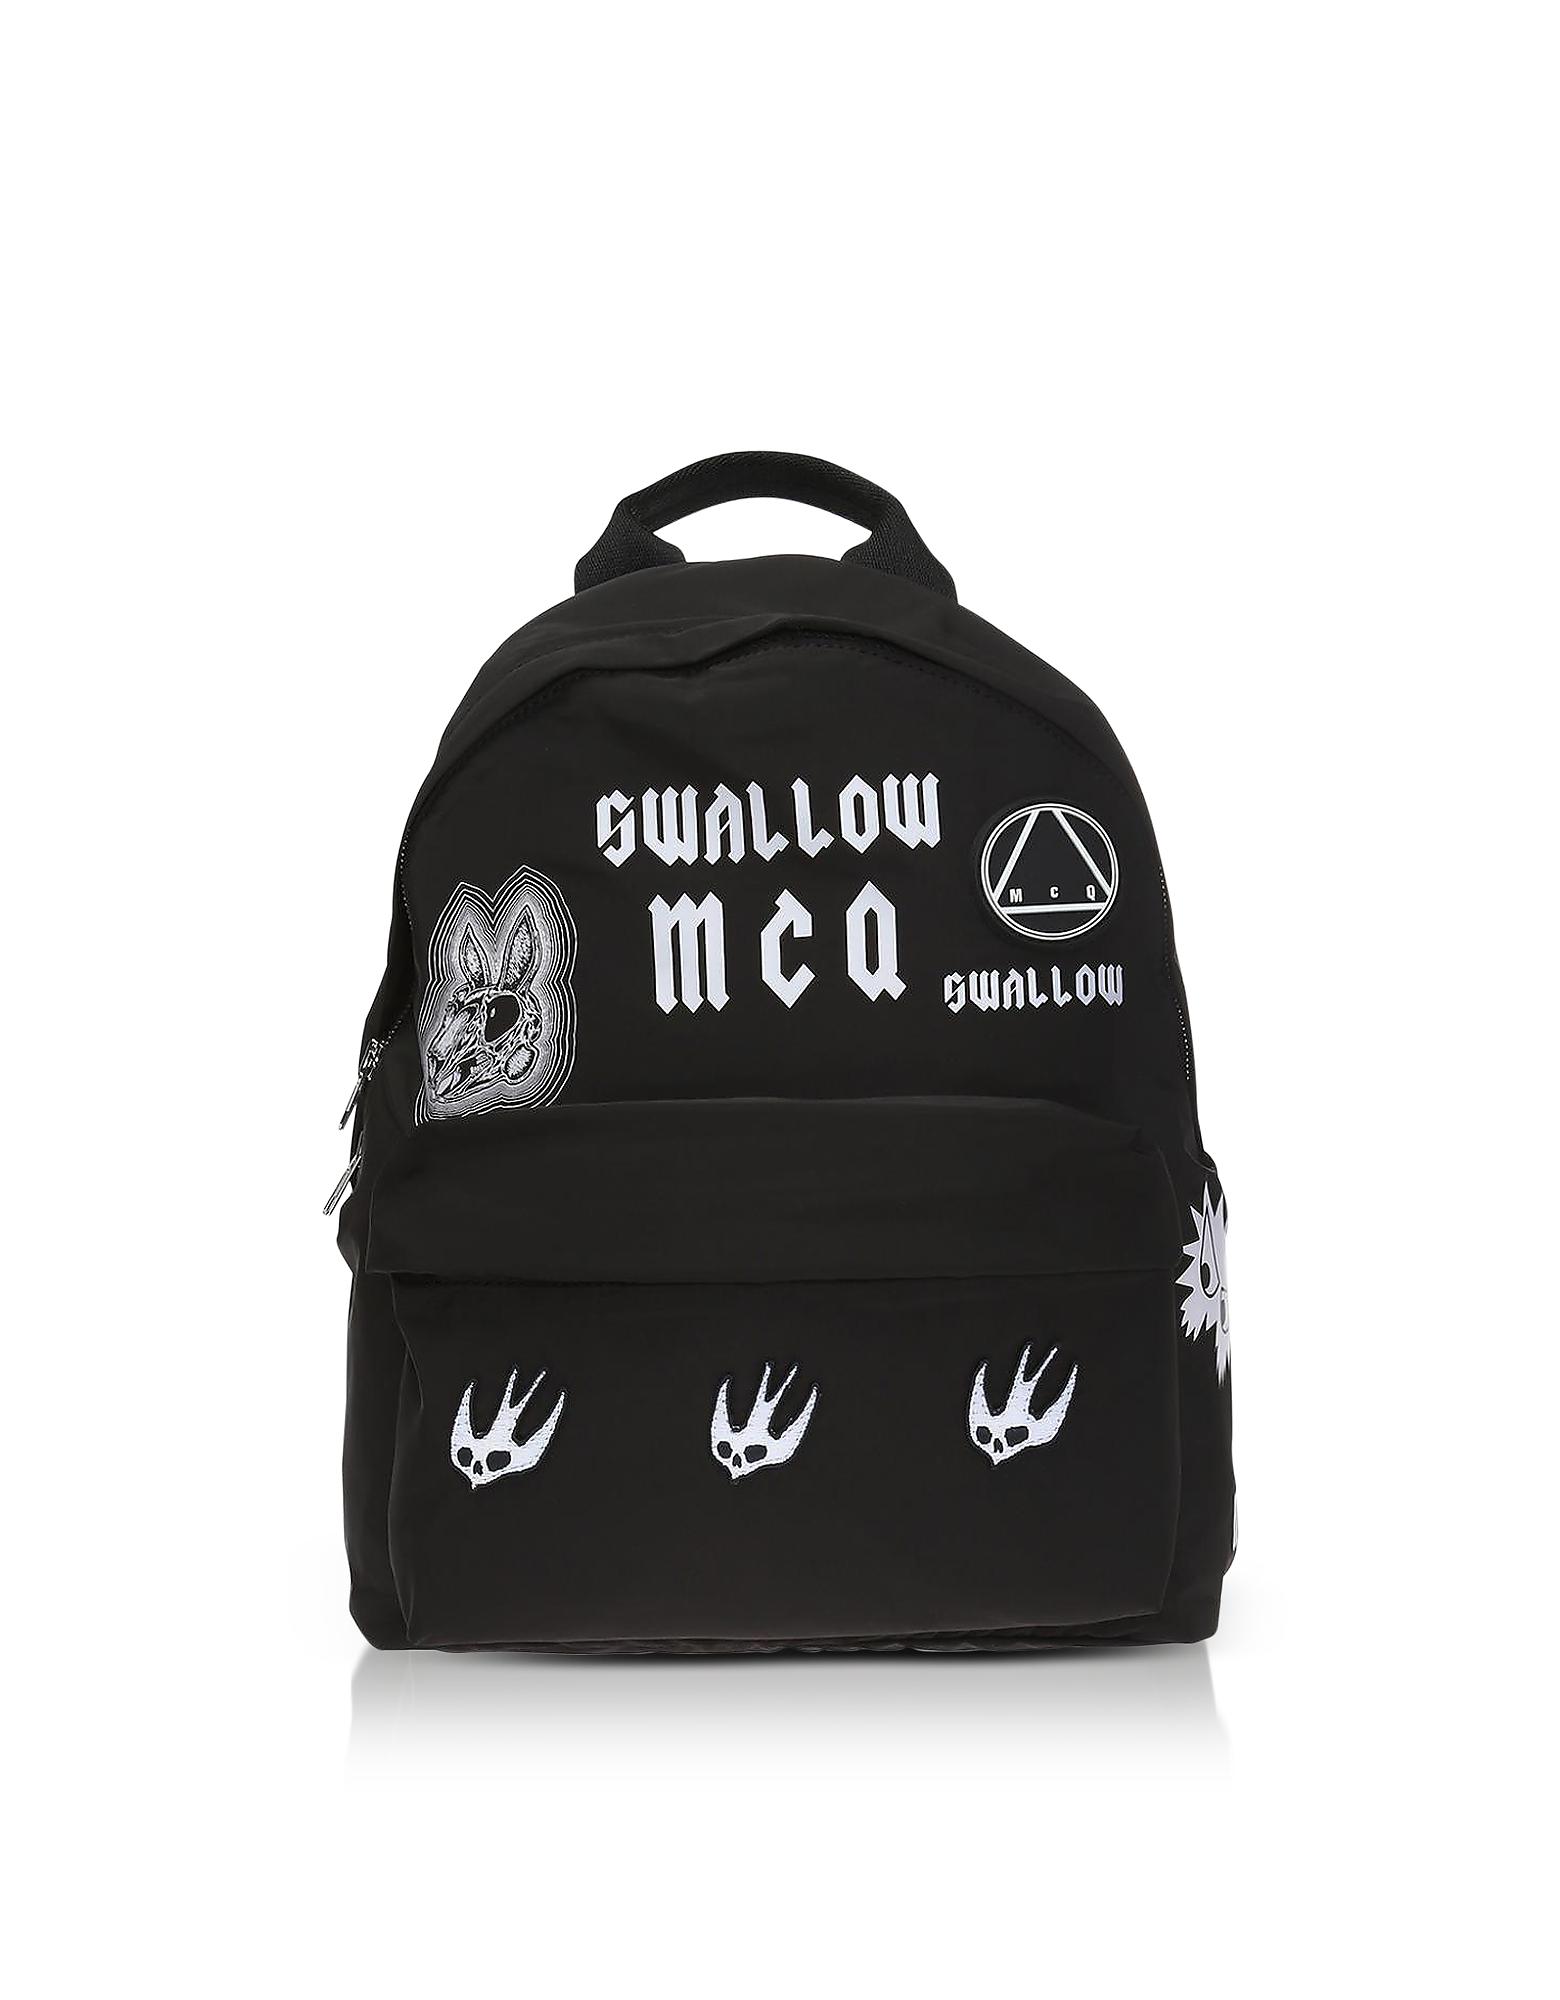 Image of McQ Alexander McQueen Designer Handbags, Sponsorship Black Nylon Women's Backpack w/ Badges